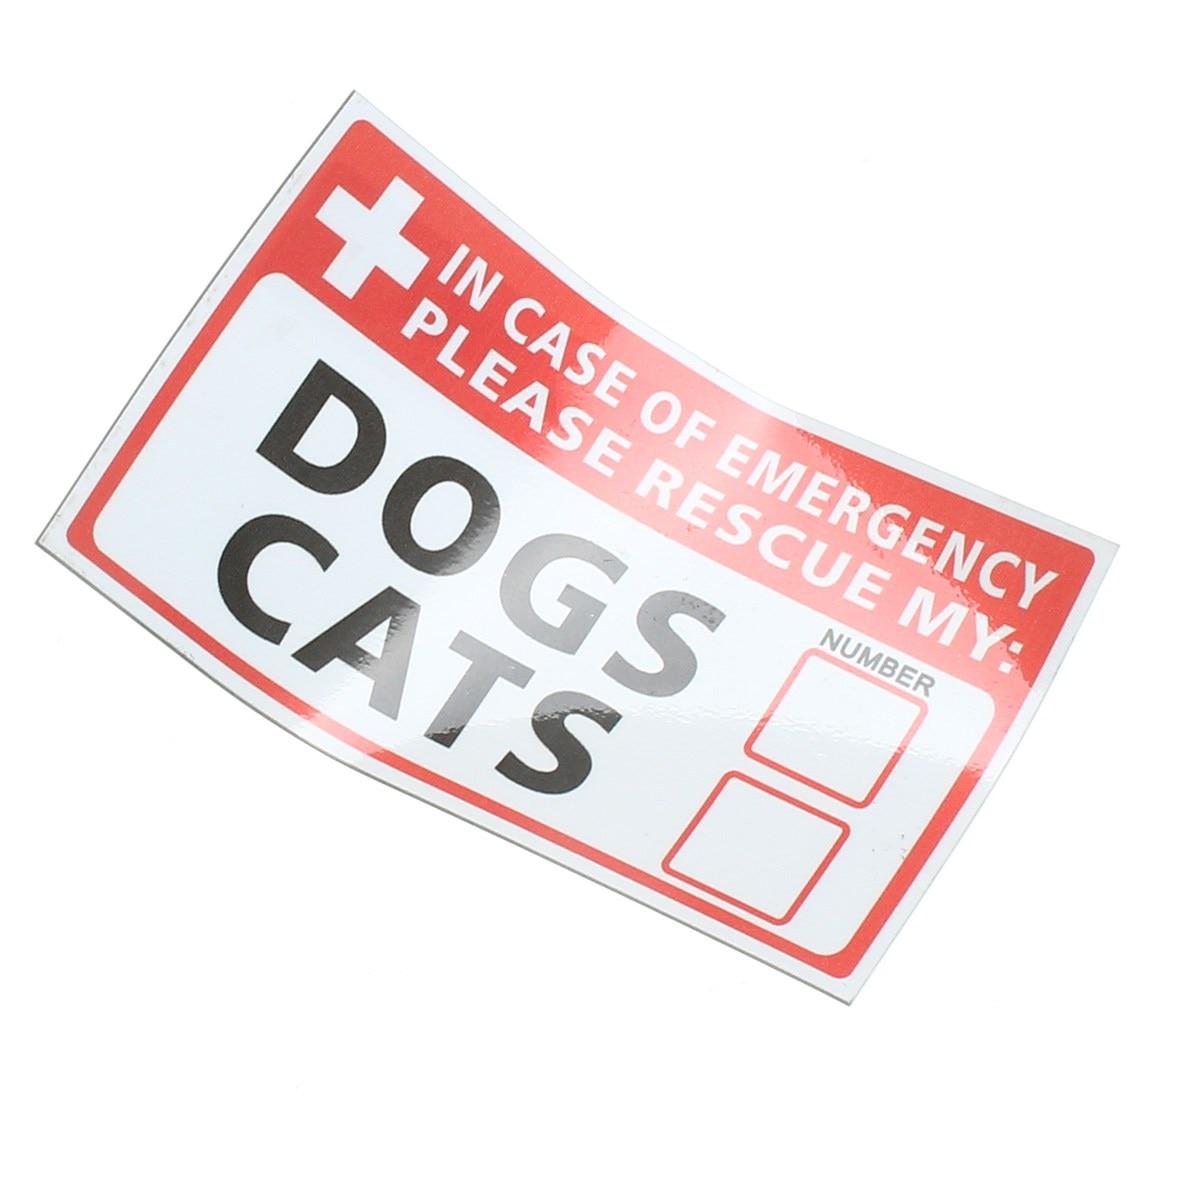 Новый safurance чрезвычайных ПЭТ-Rescue Dog кошка винил Стикеры этикетки знаки Детская безопасность Предупреждение 74*125 мм безопасности Детская без...